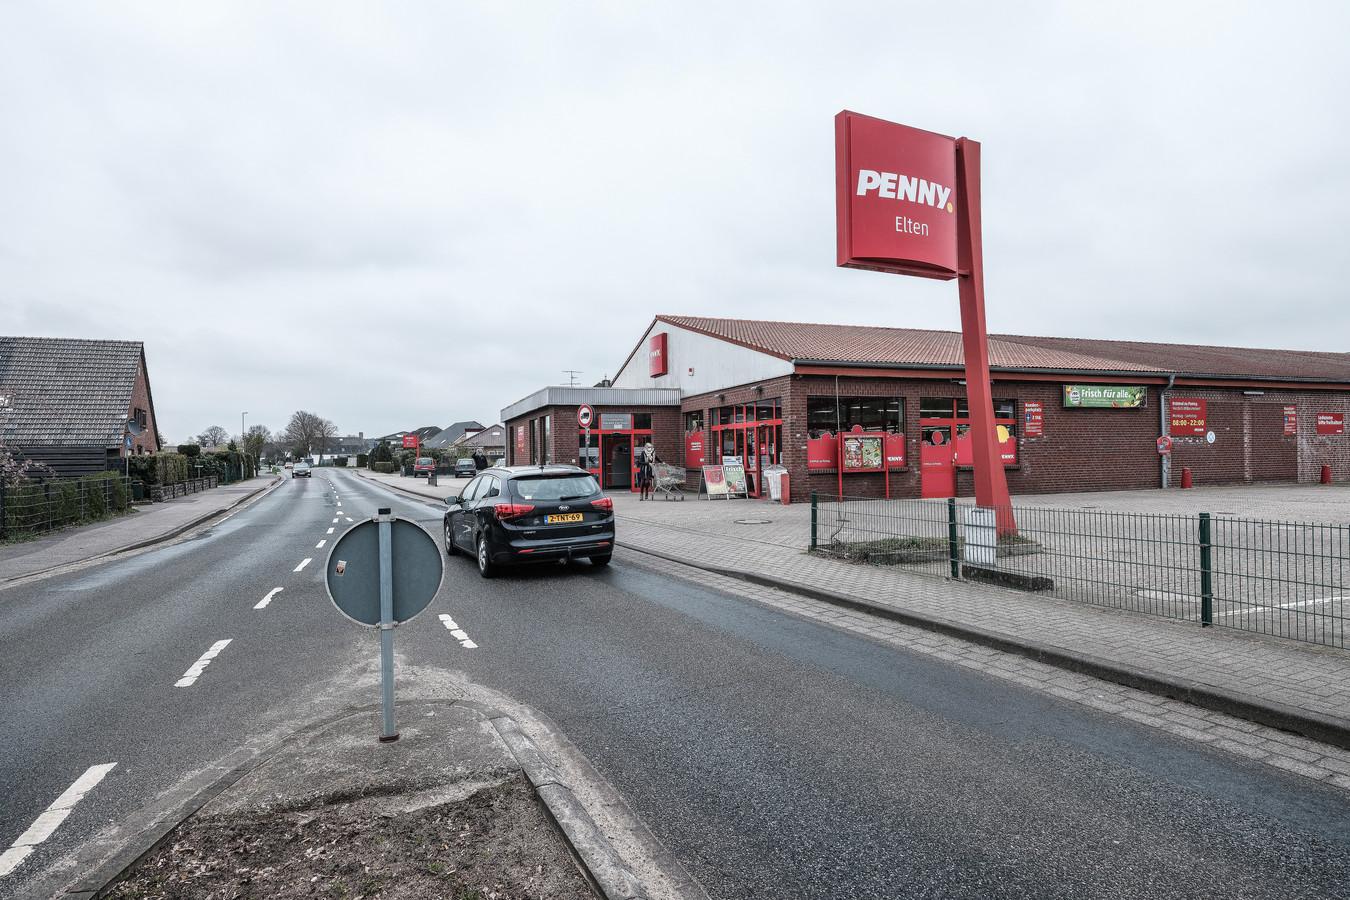 Een auto met Nederlands kenteken passeert de lege parkeerplaats van supermarkt Penny in Elten. Normaal staat de parkeerplaats vol met auto's uit Nederland.